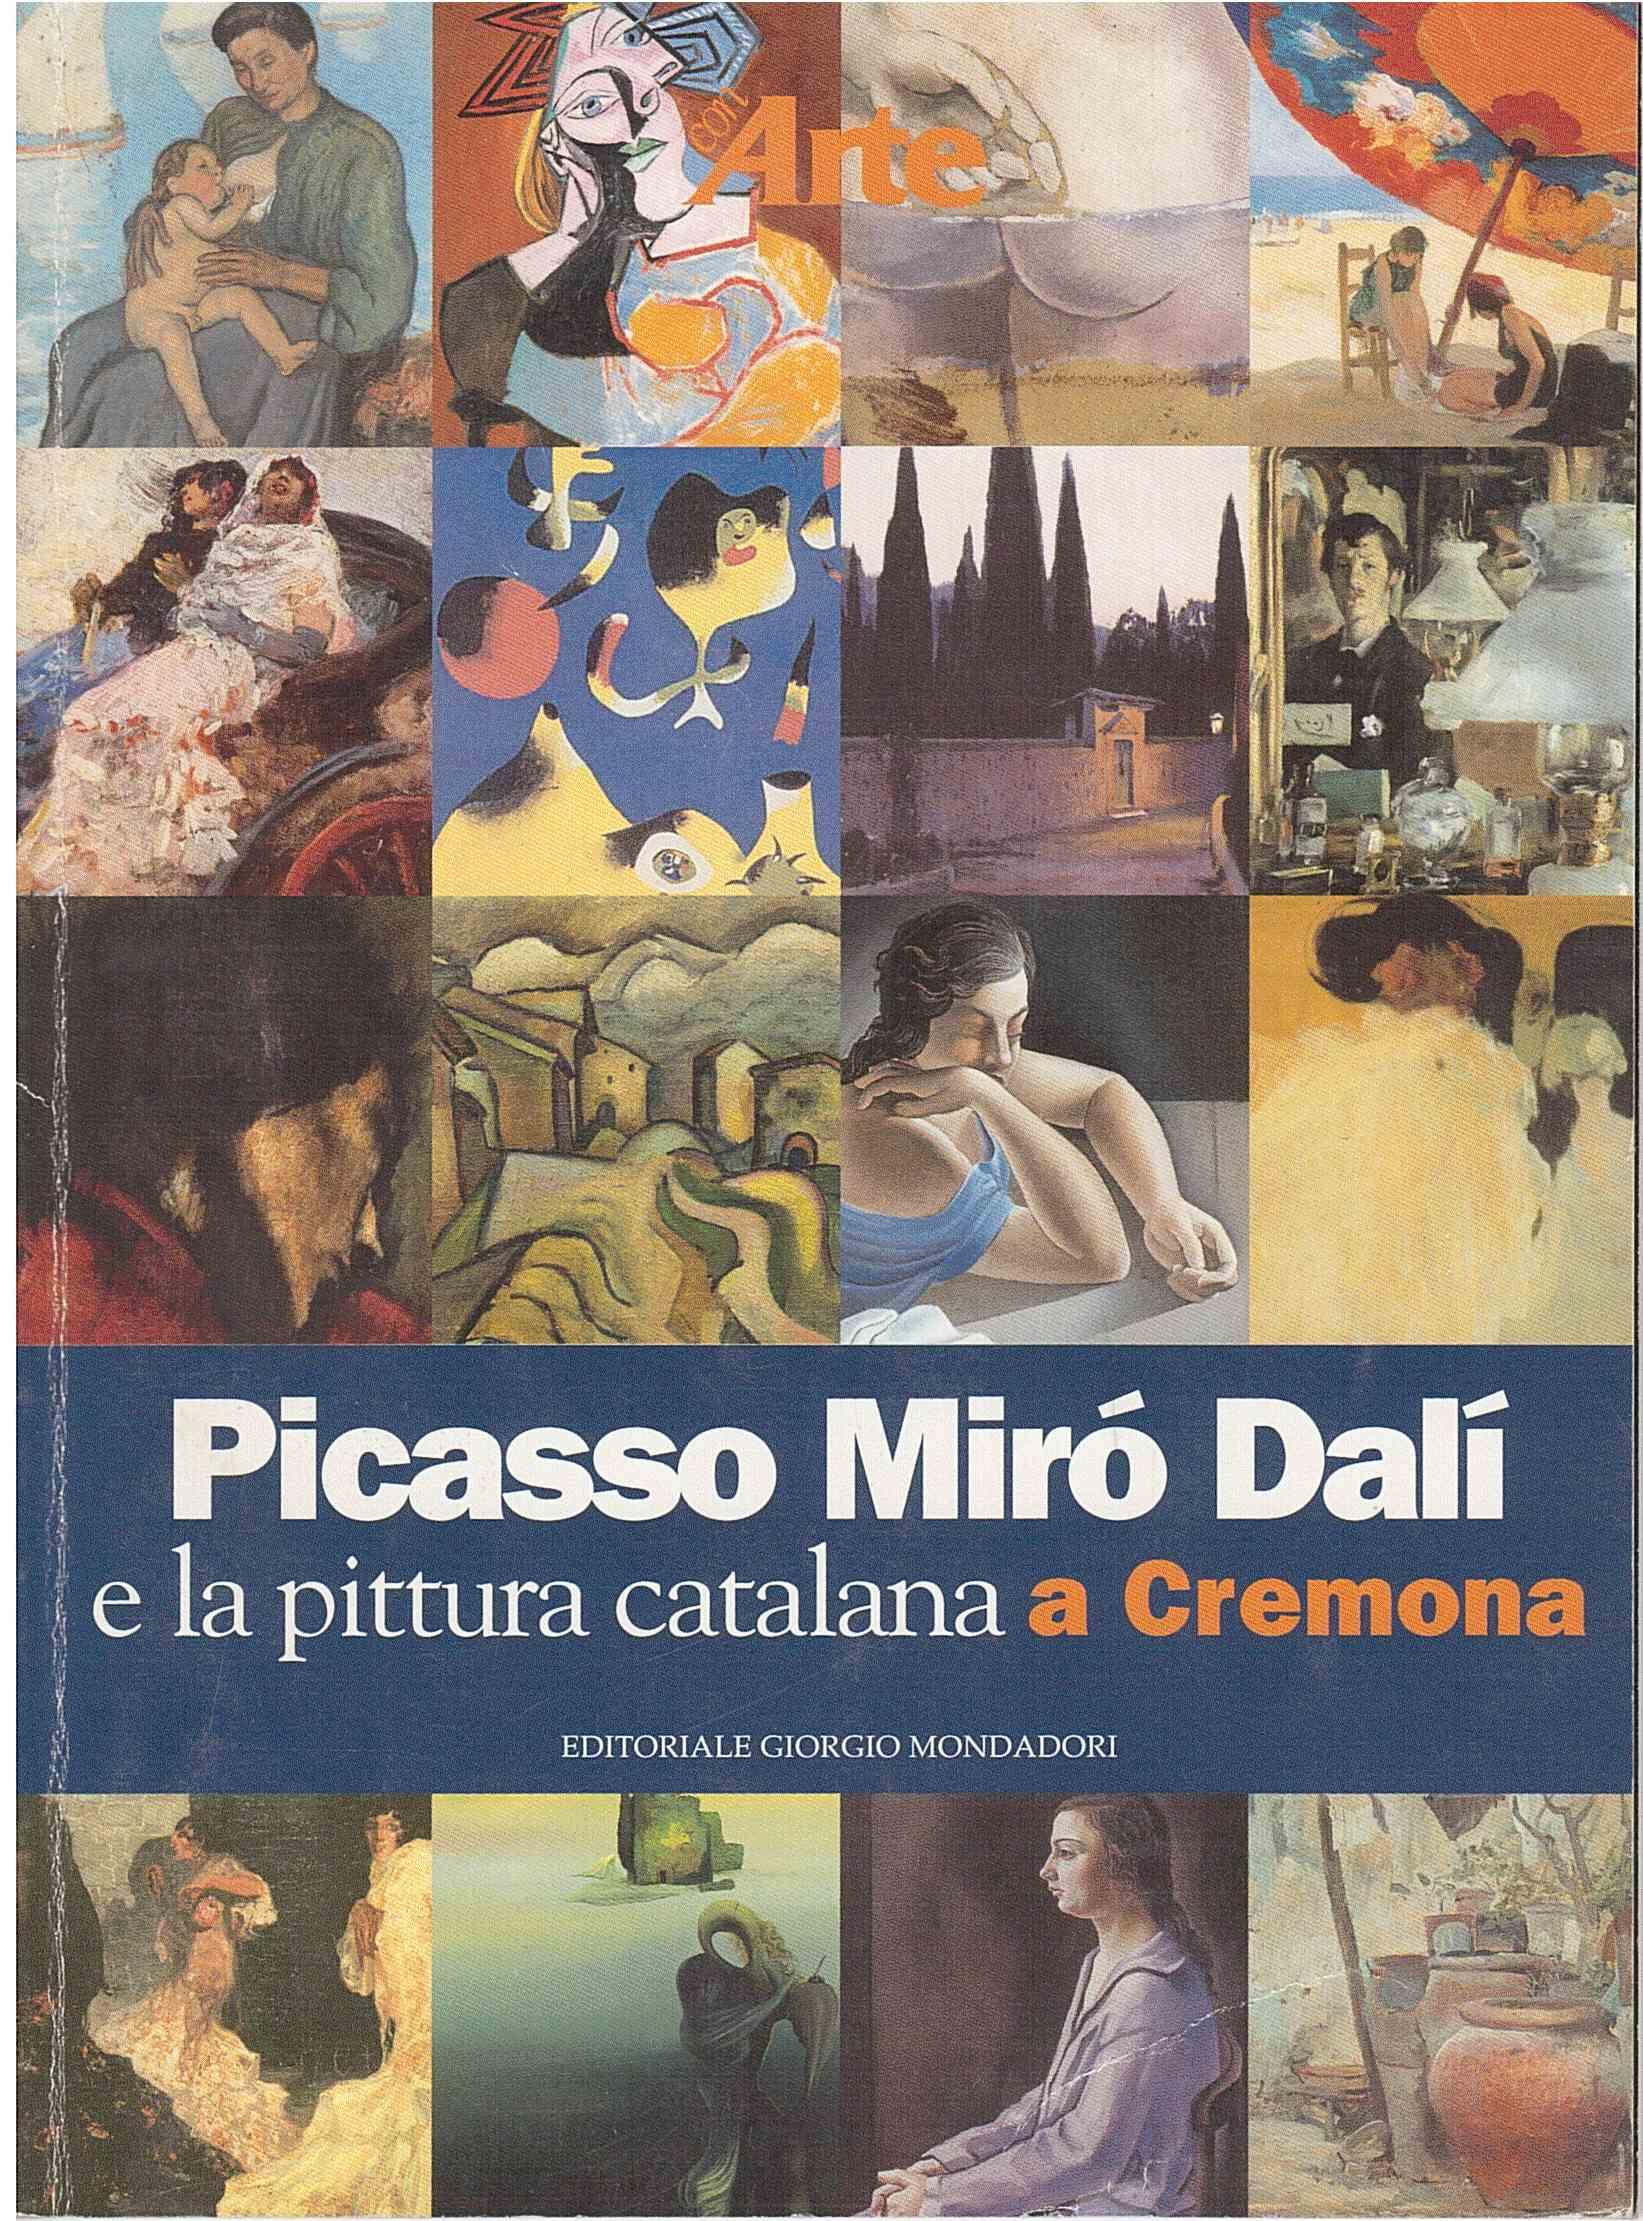 Picasso Mirò Dalì e la pittura catalana a Cremona